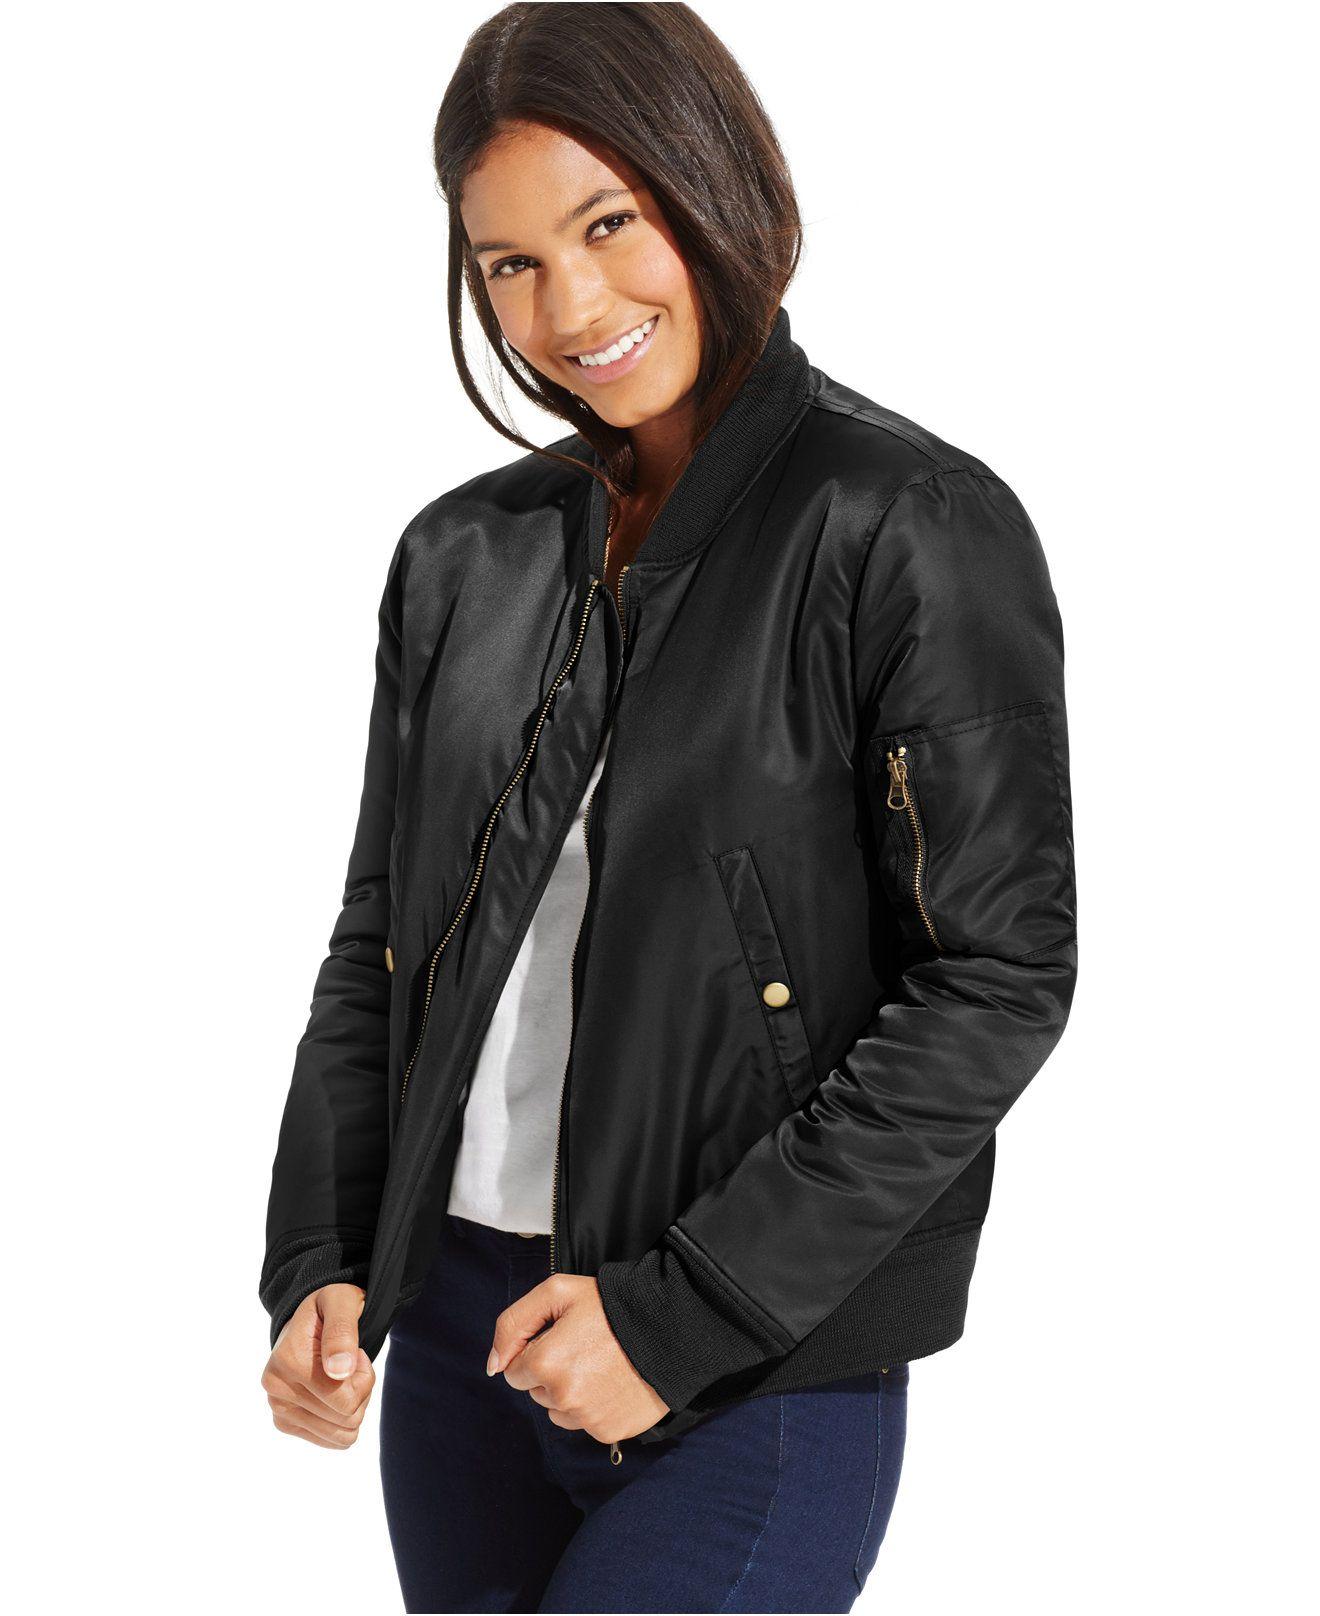 Joe Elle Juniors Zipper Front Bomber Jacket Juniors Jackets Vests Macy S Juniors Jackets Bomber Jacket Black Bomber Jacket [ 1616 x 1320 Pixel ]